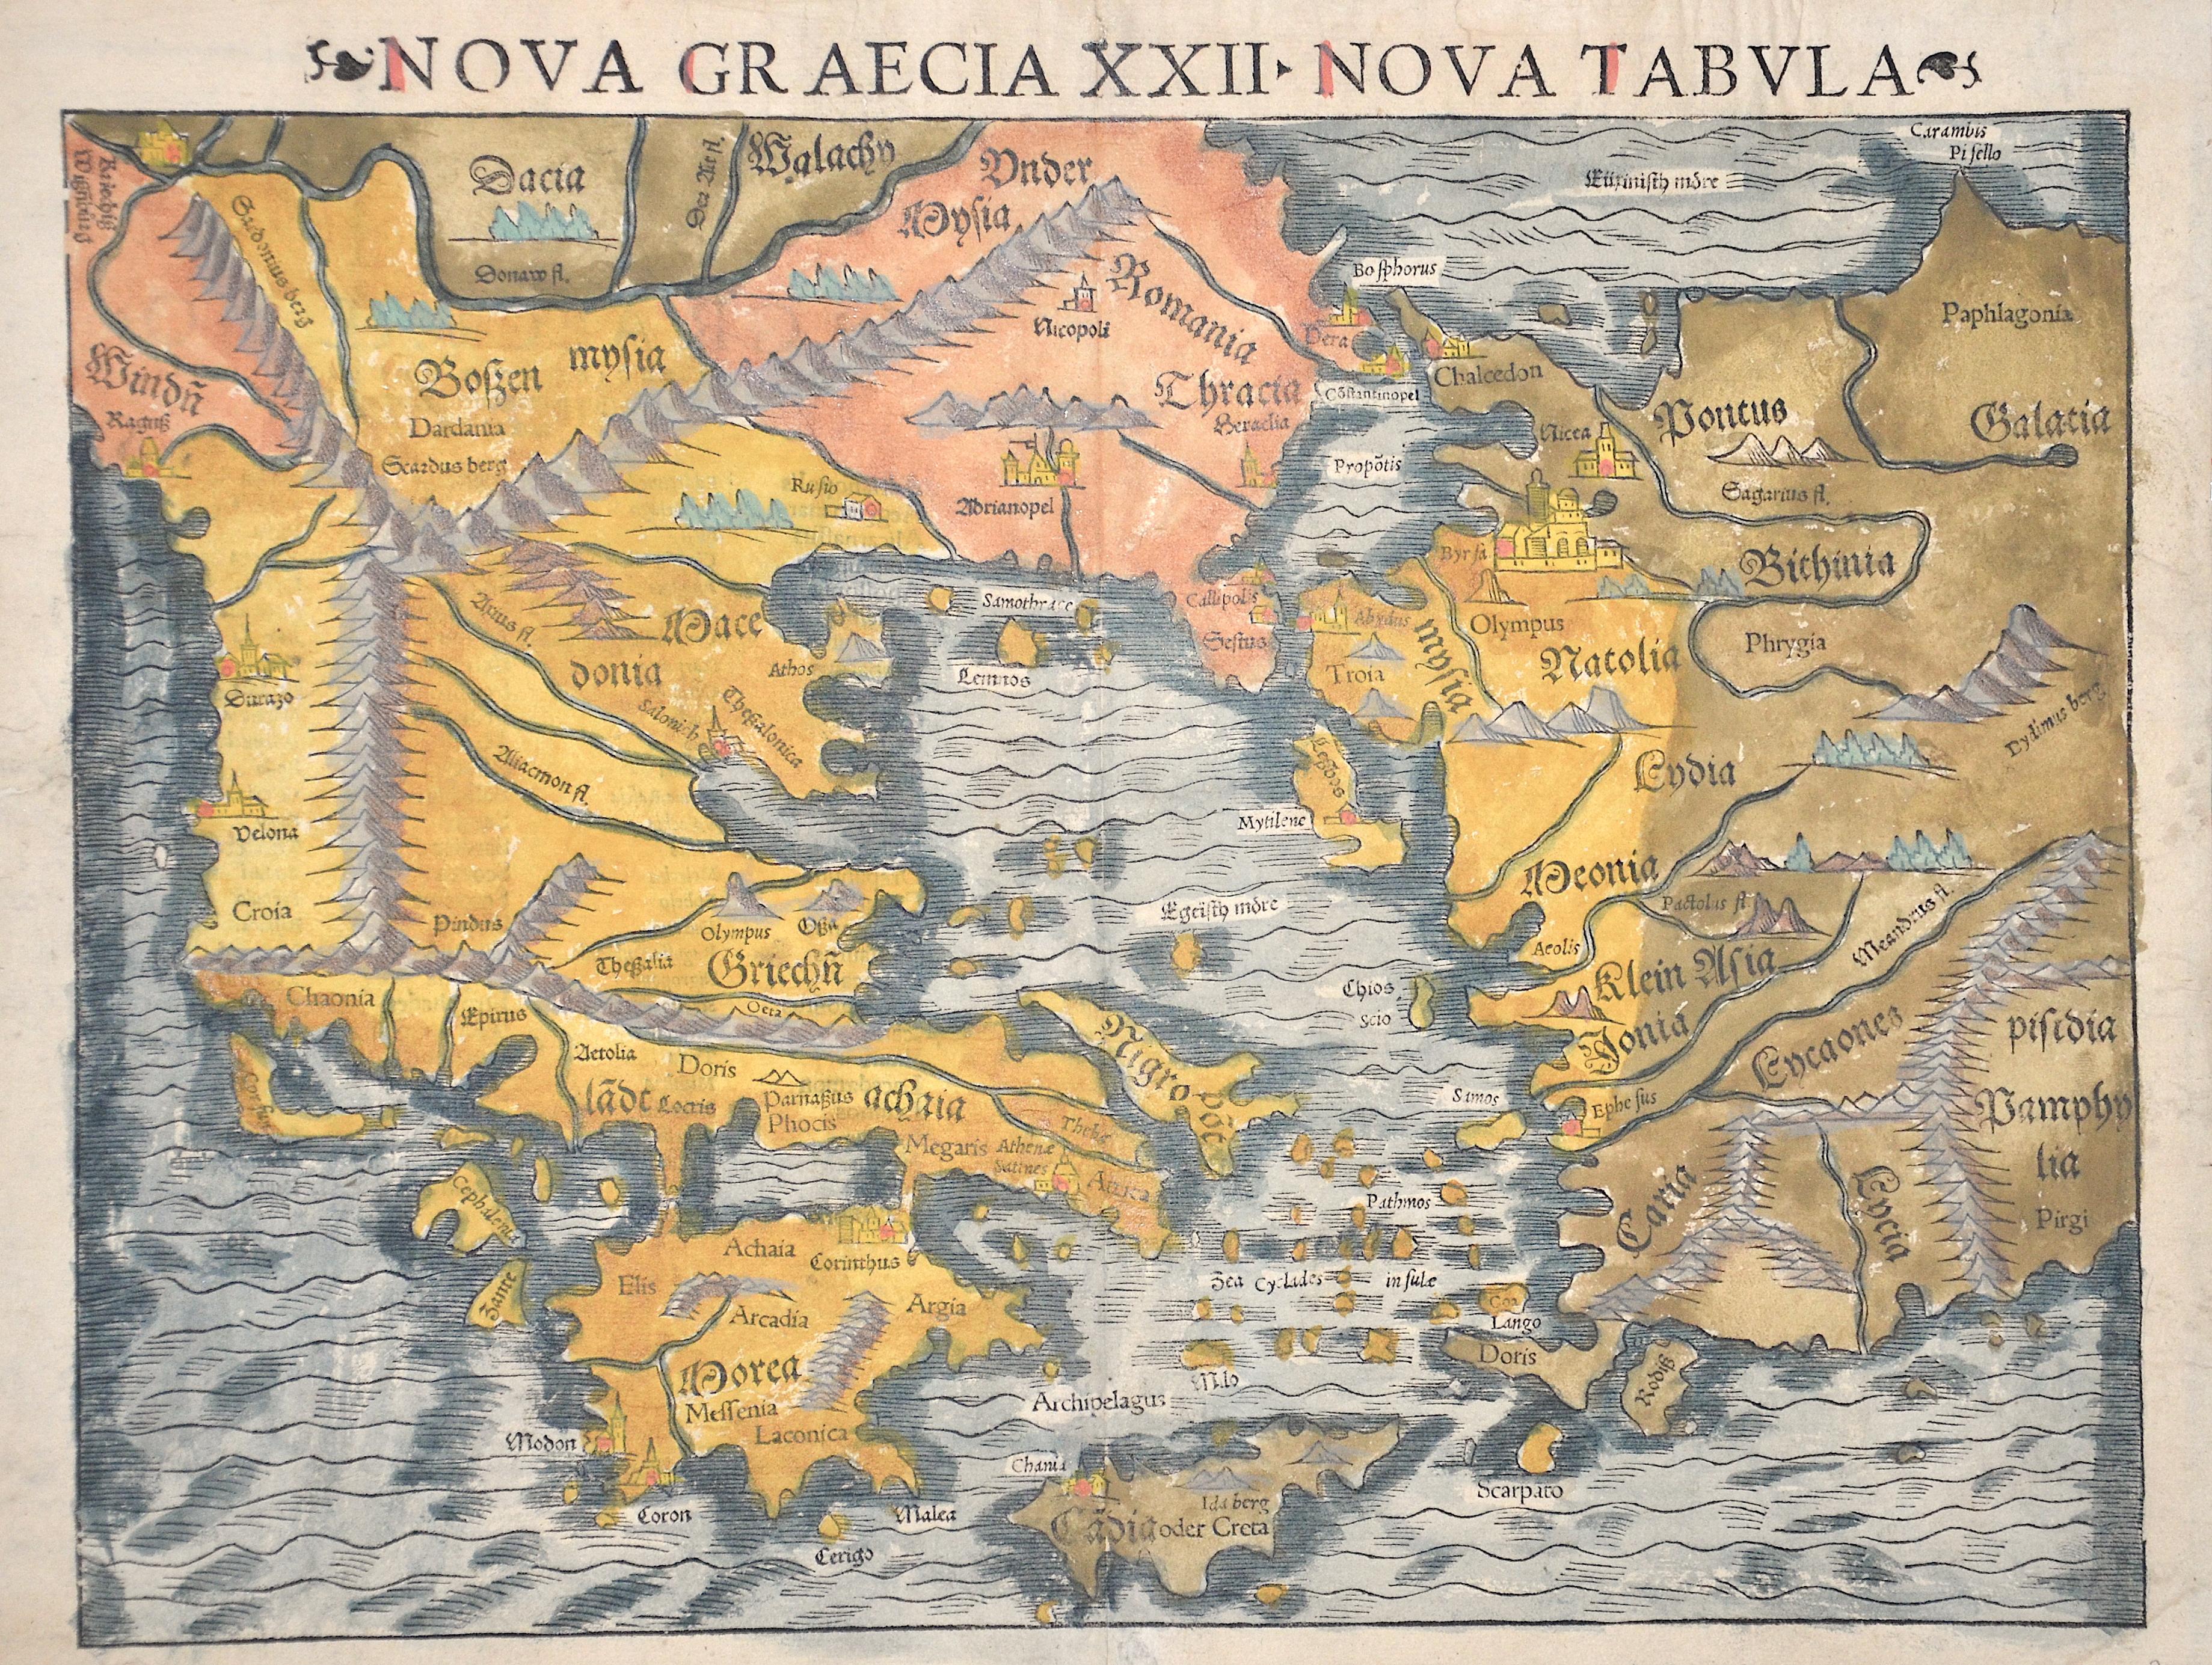 Ptolemy/Münster Sebastian Claudius Nova Graecia XXII – Nova Tabula